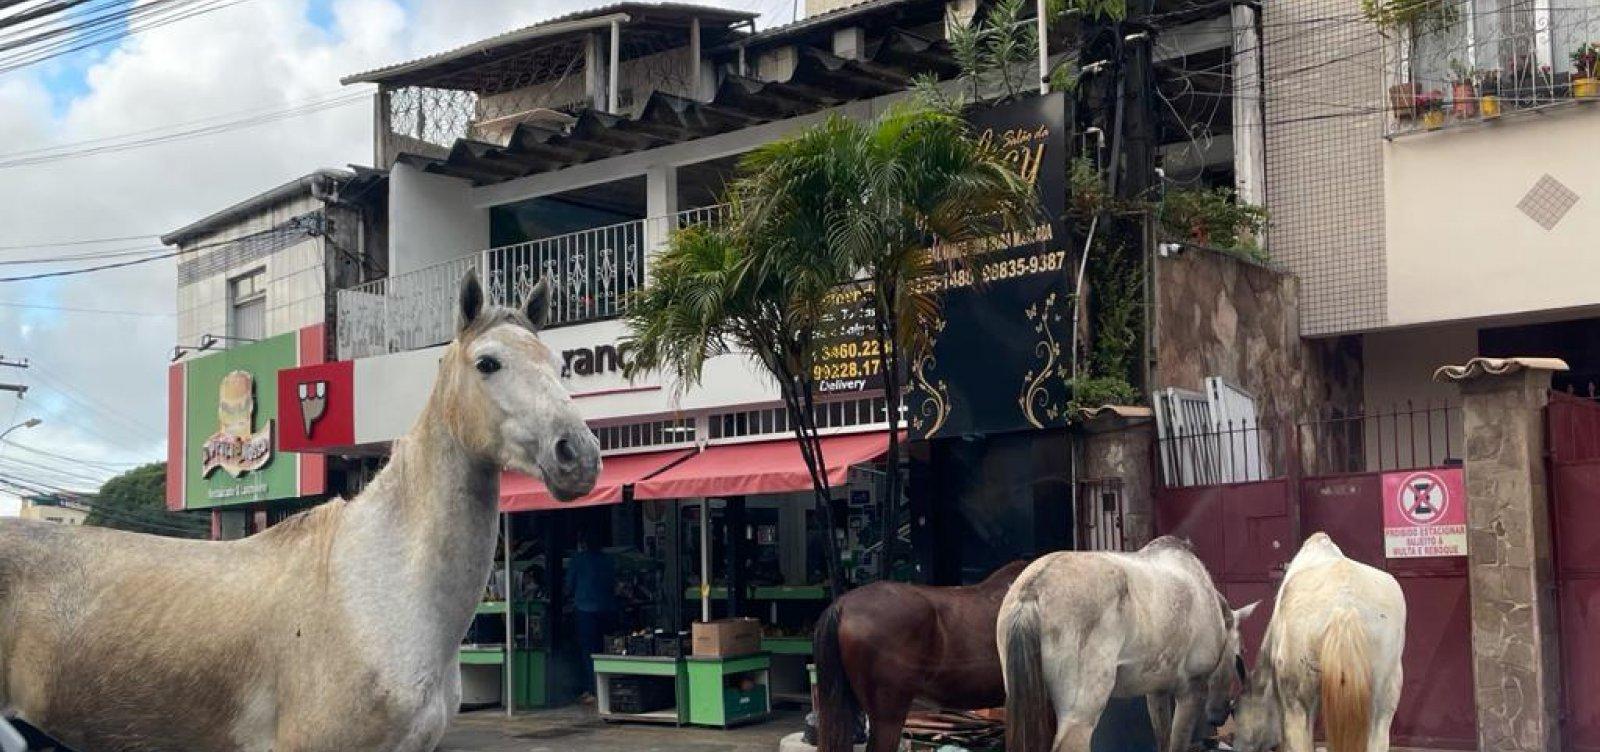 Mesmo após denúncias, cavalos continuam soltos no bairro de Pernambués